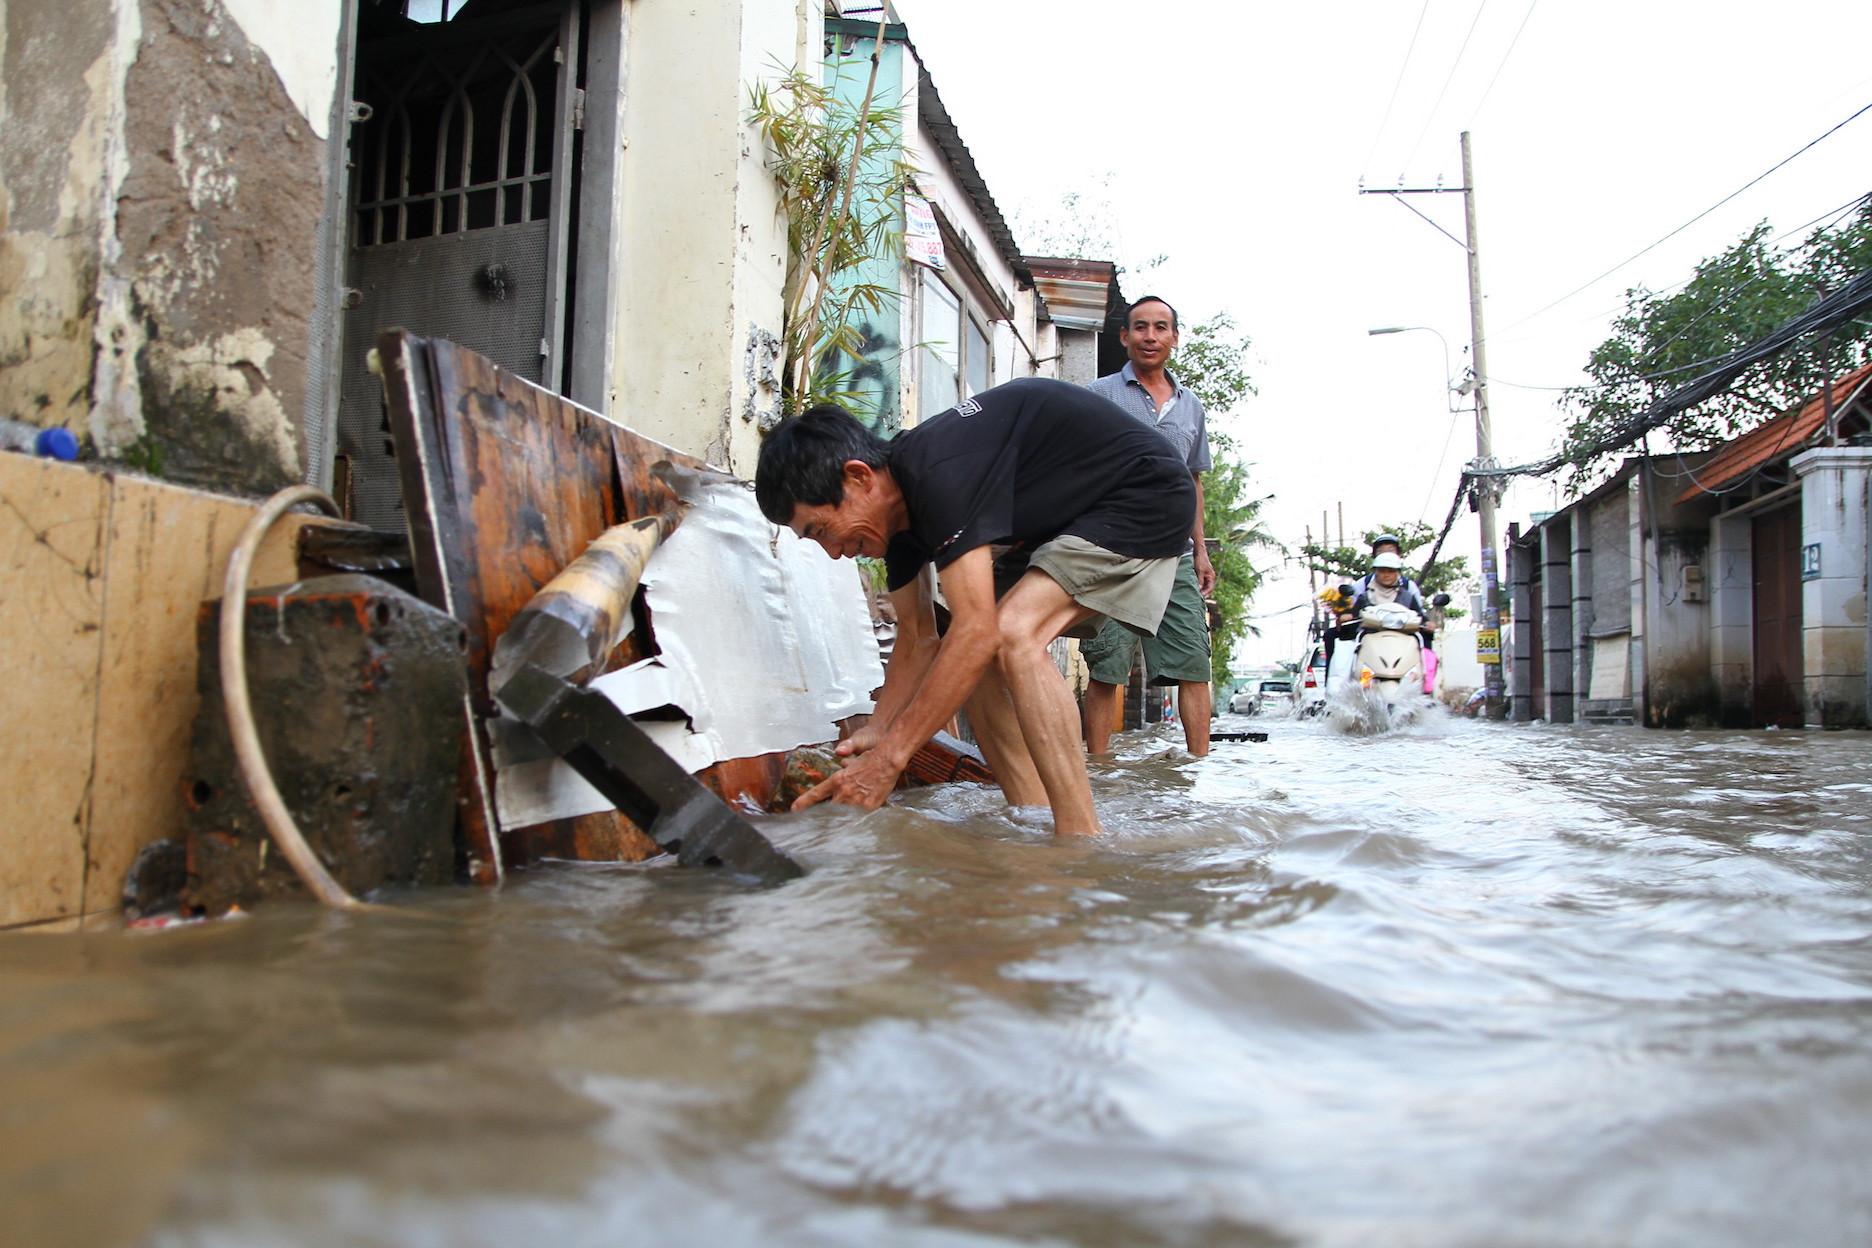 'Phố nhà giàu' Thảo Điền không mưa cũng ngập, người người lội nước bì bõm Ảnh 4